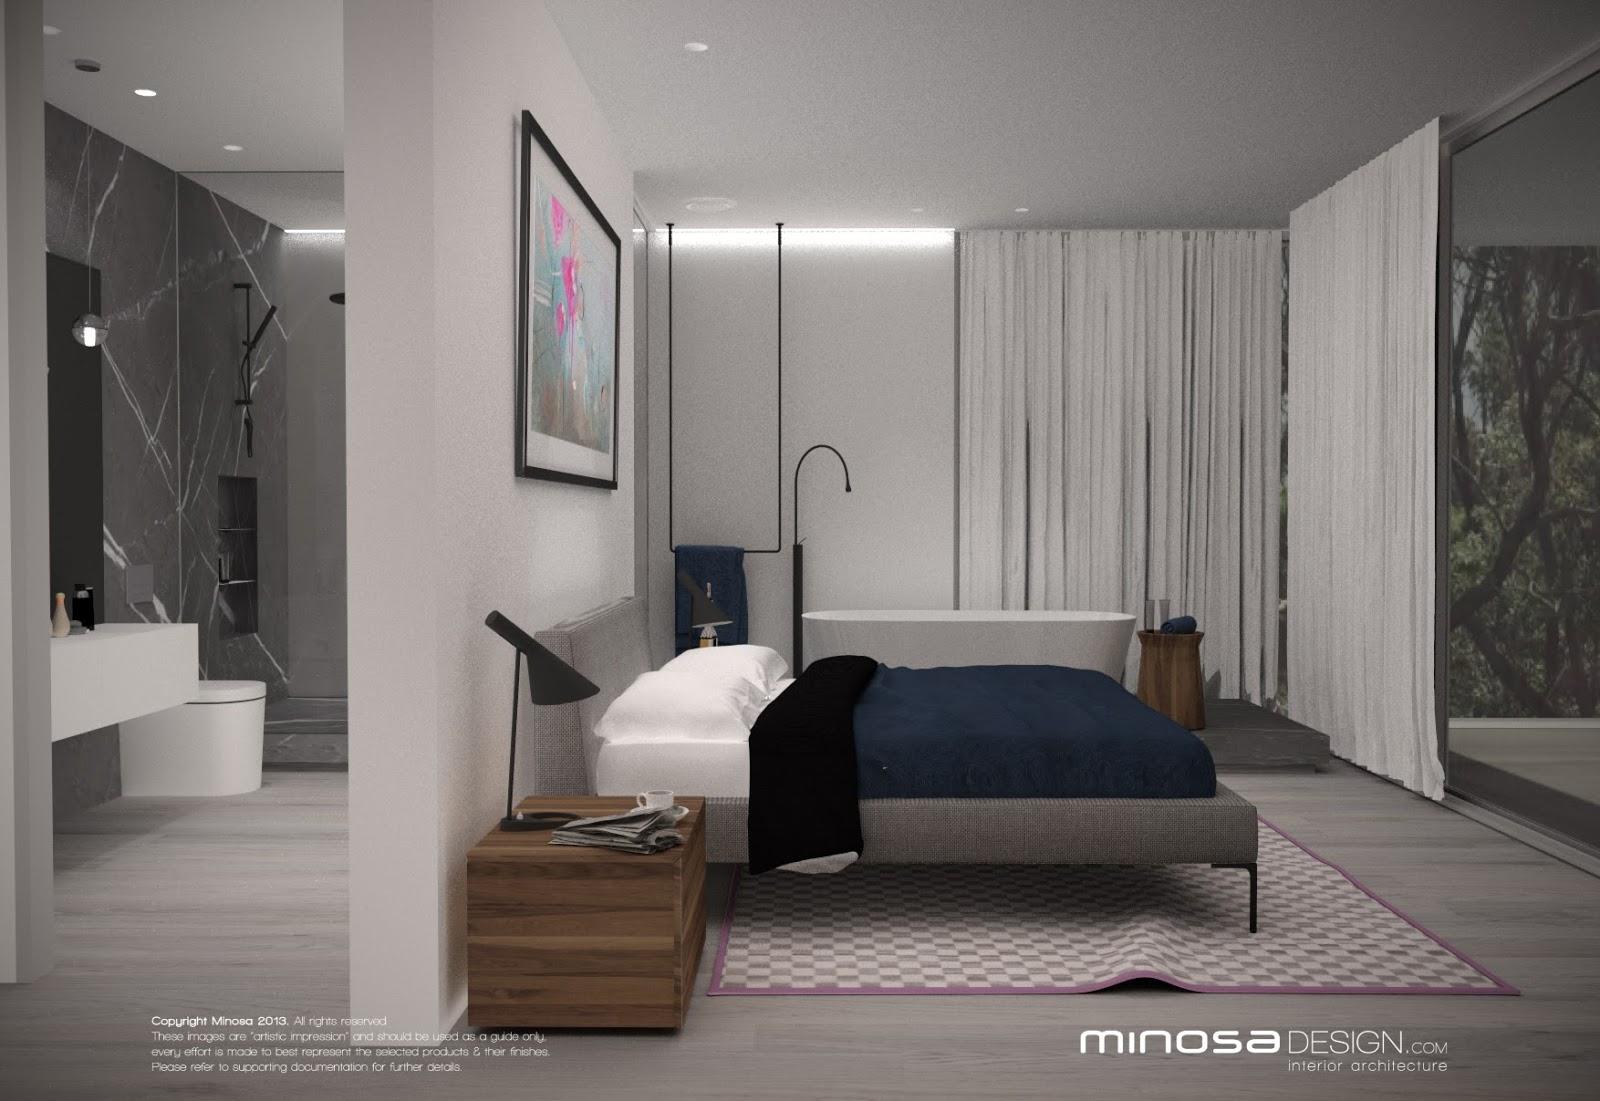 Minosa Open To Open Plan Parents Retreat